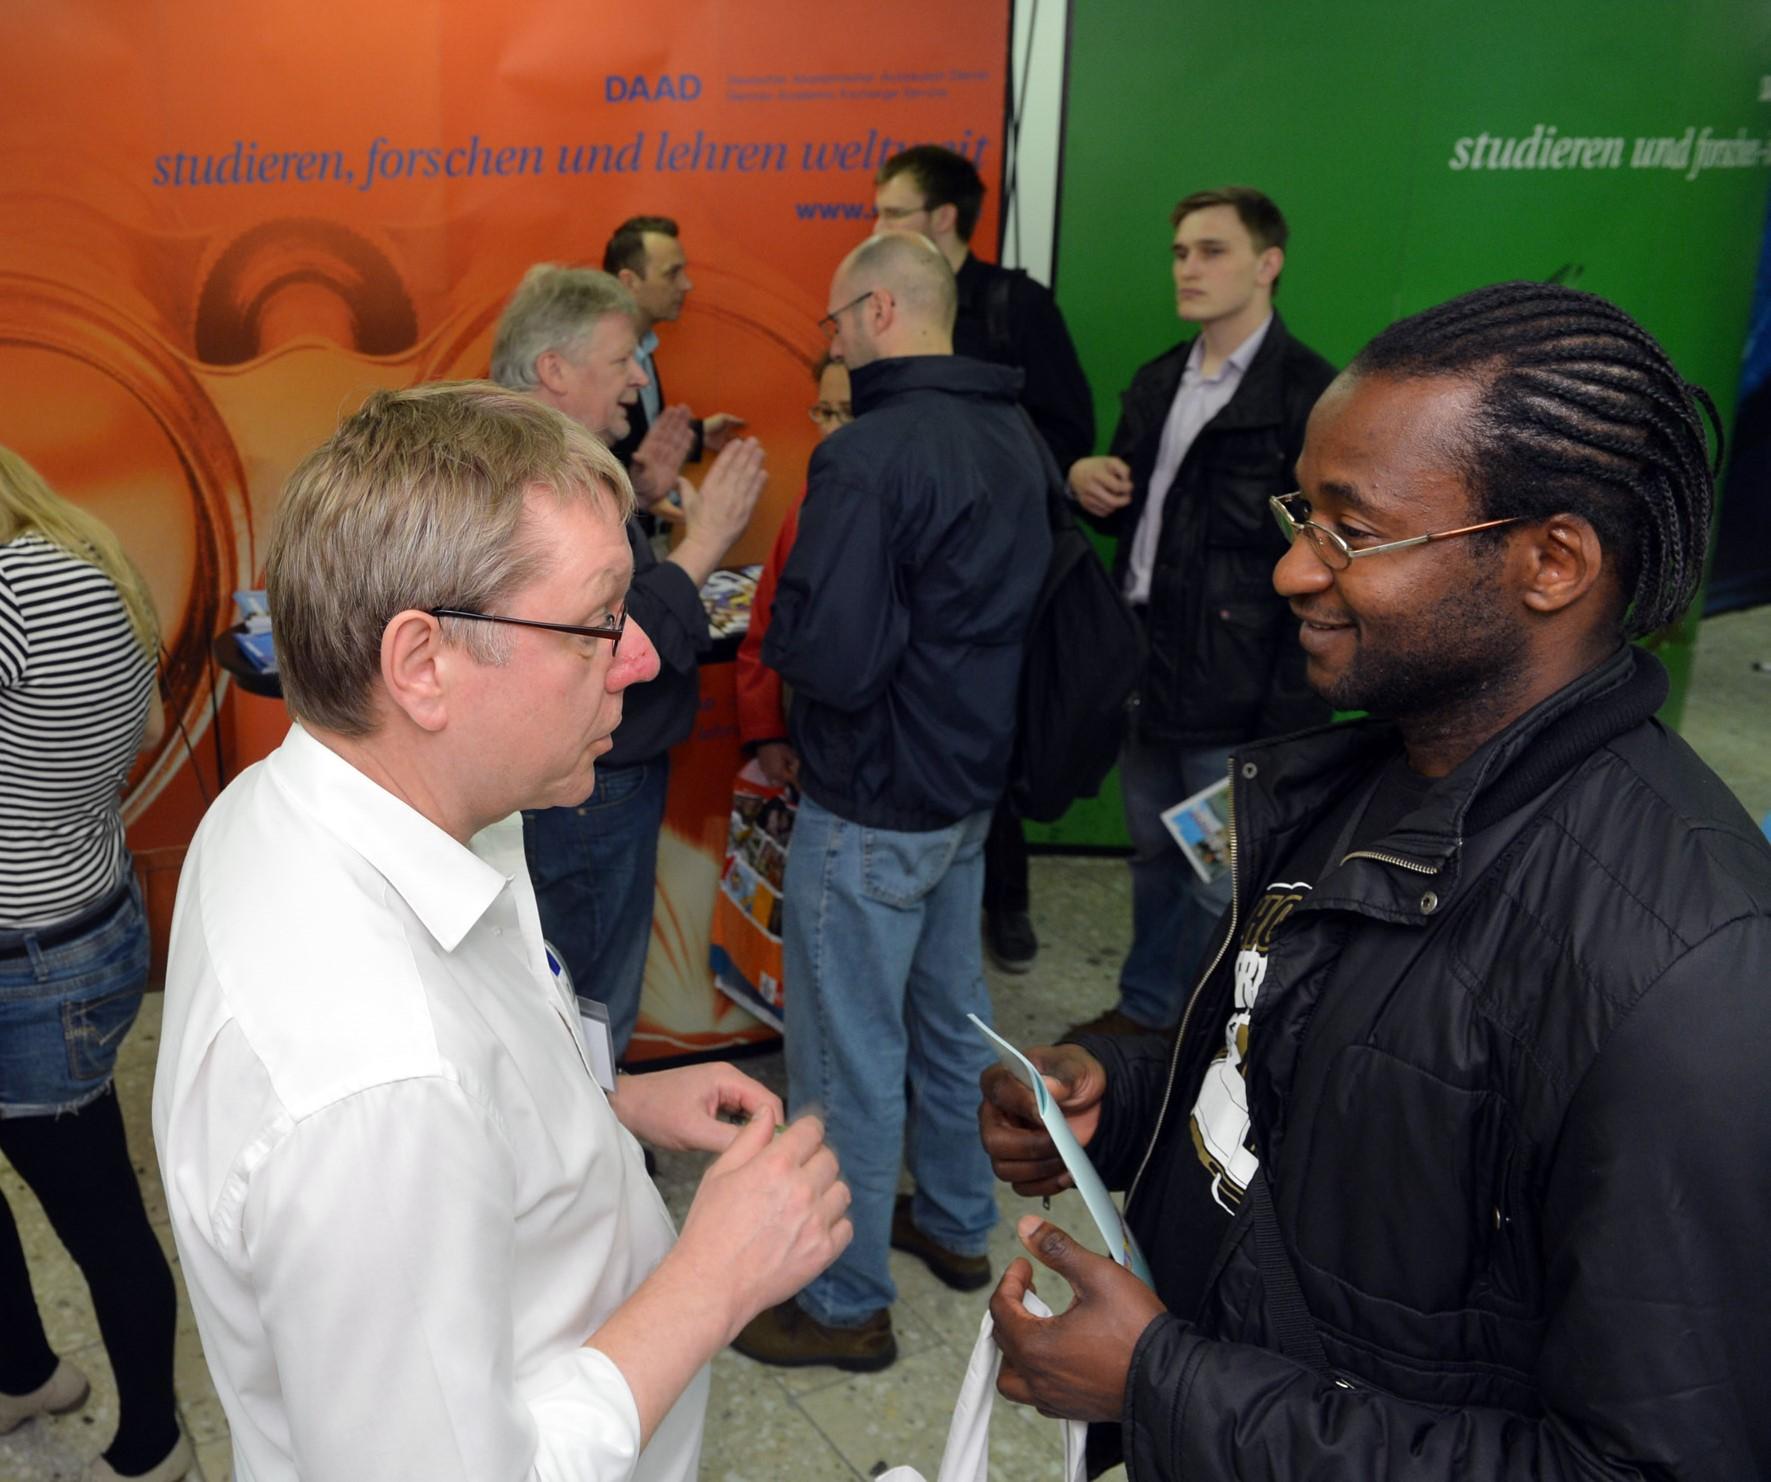 """""""go out! studieren weltweit"""": Fachkonferenz zur Integration von Auslandsaufenthalten in das Bachelor- und Masterstudium"""